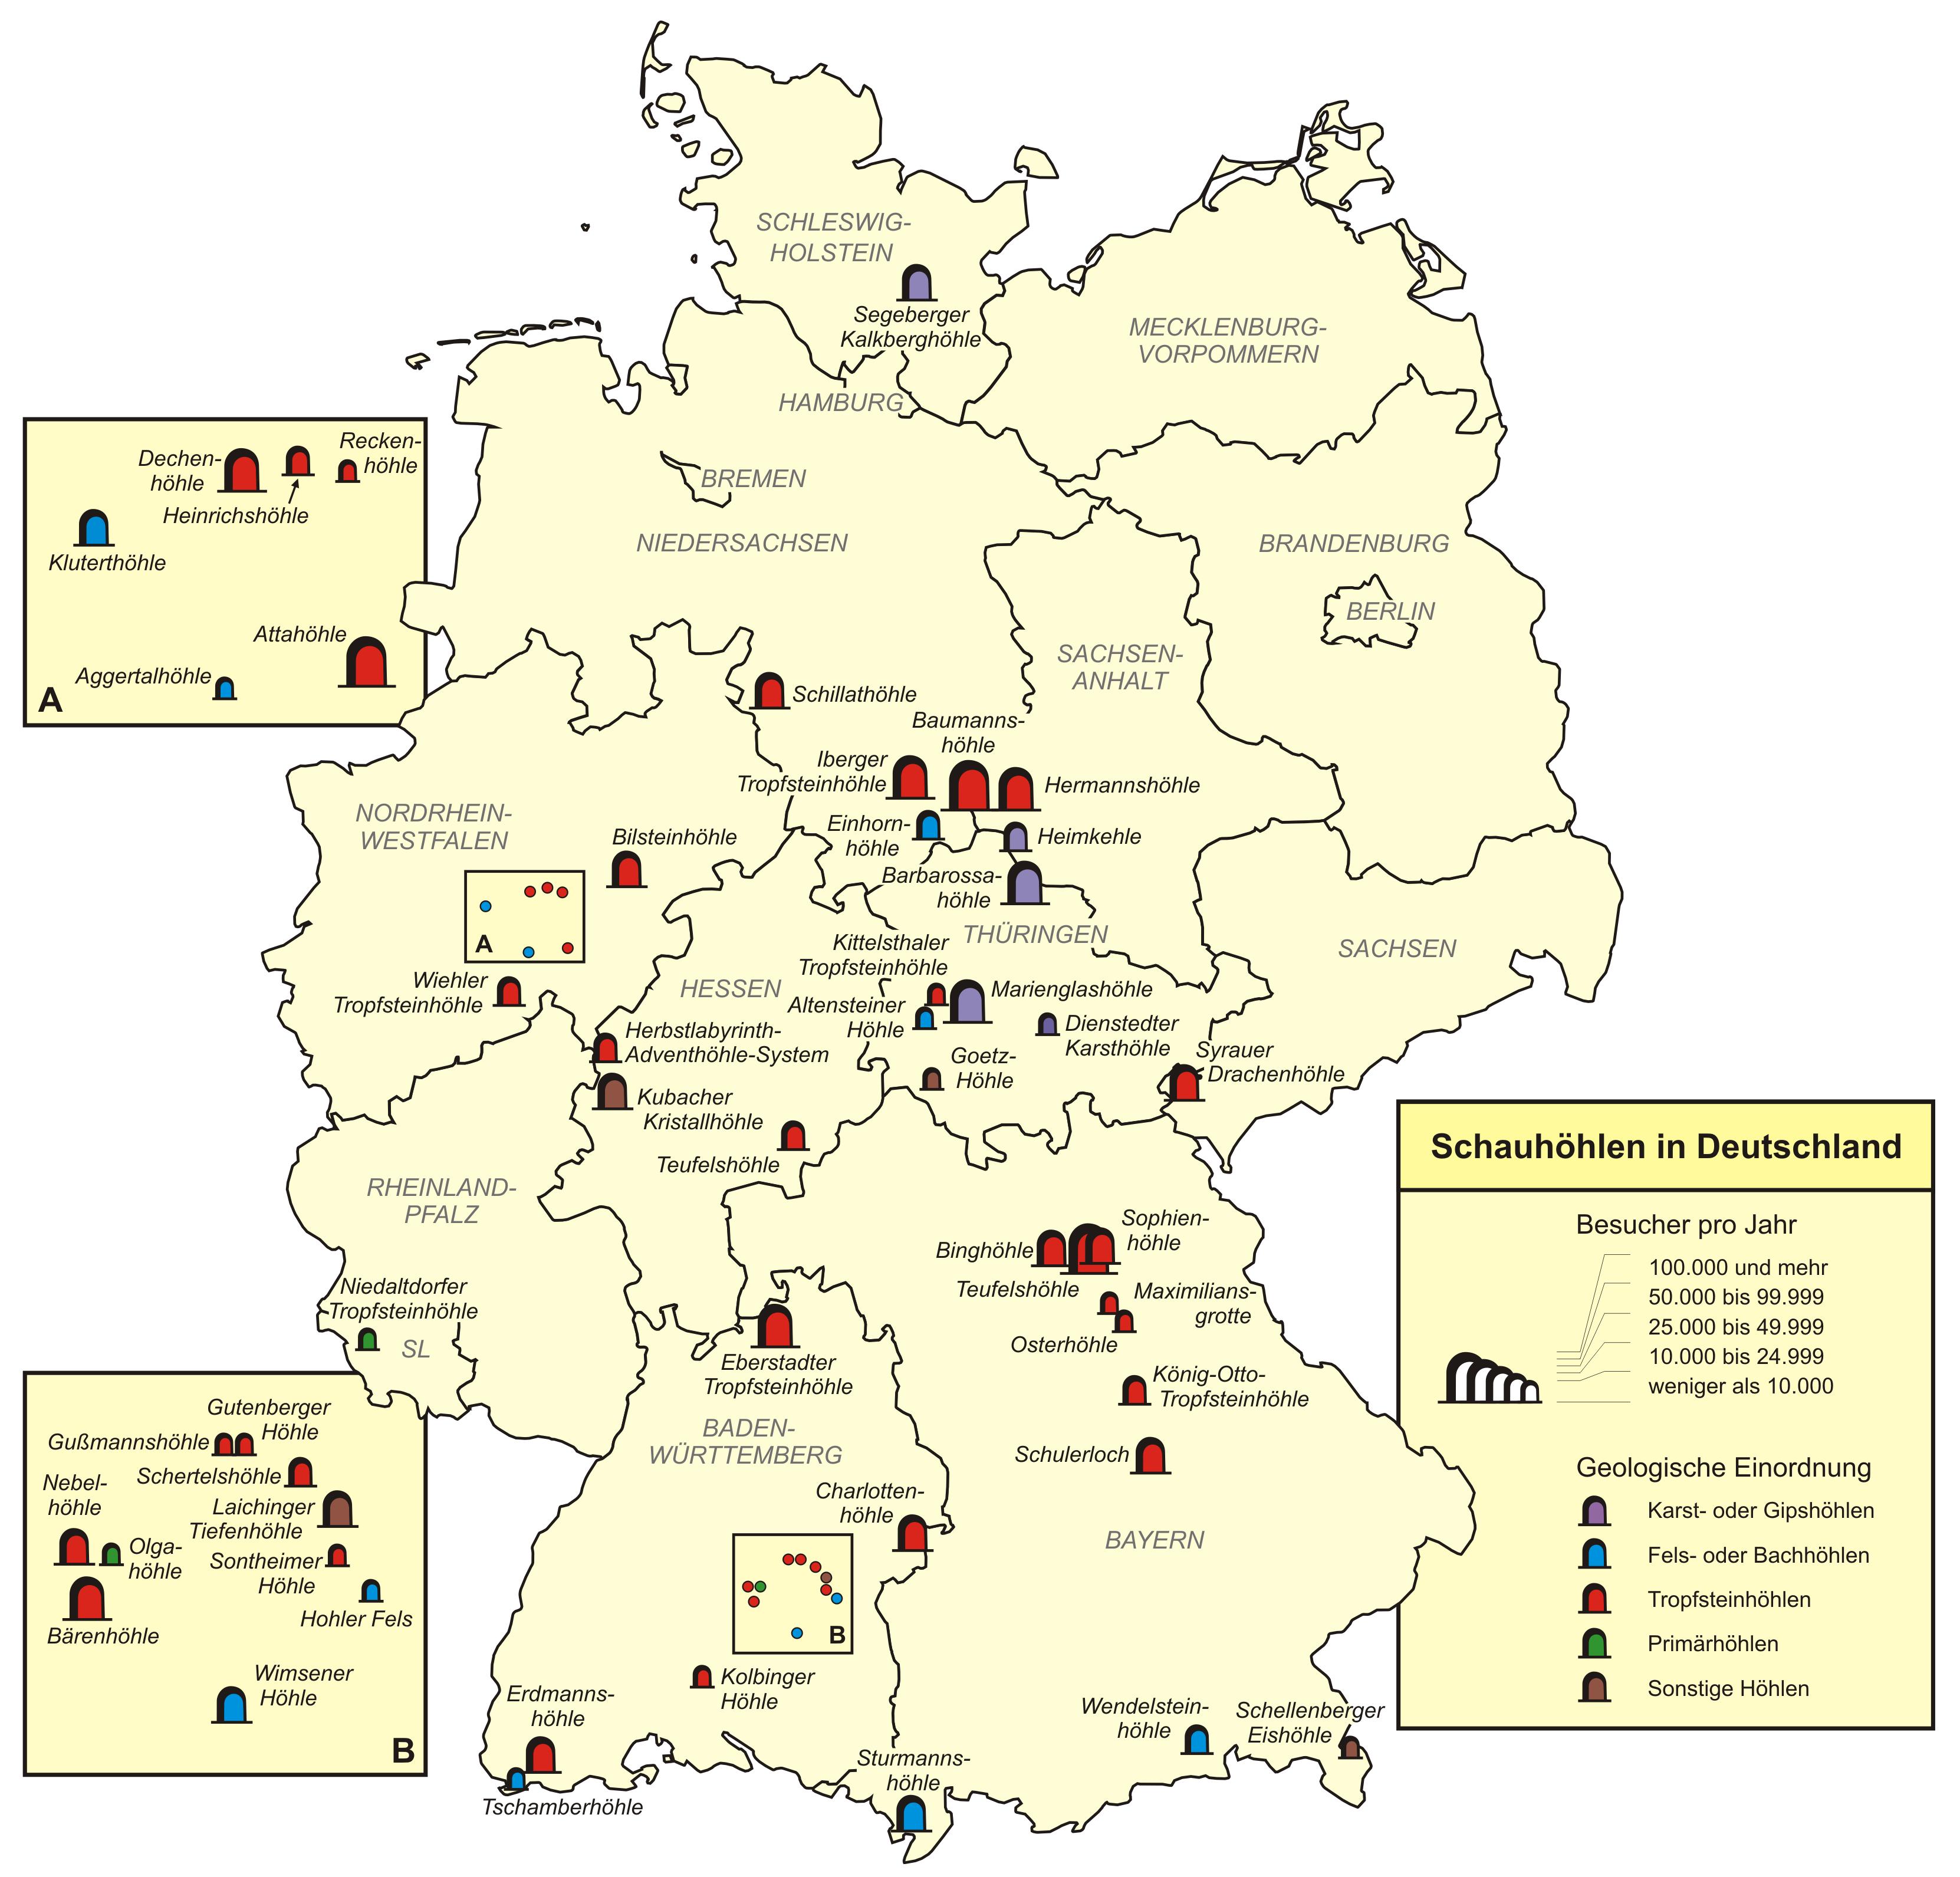 tropfsteinhöhlen in deutschland karte Liste der Schauhöhlen in Deutschland – Wikipedia